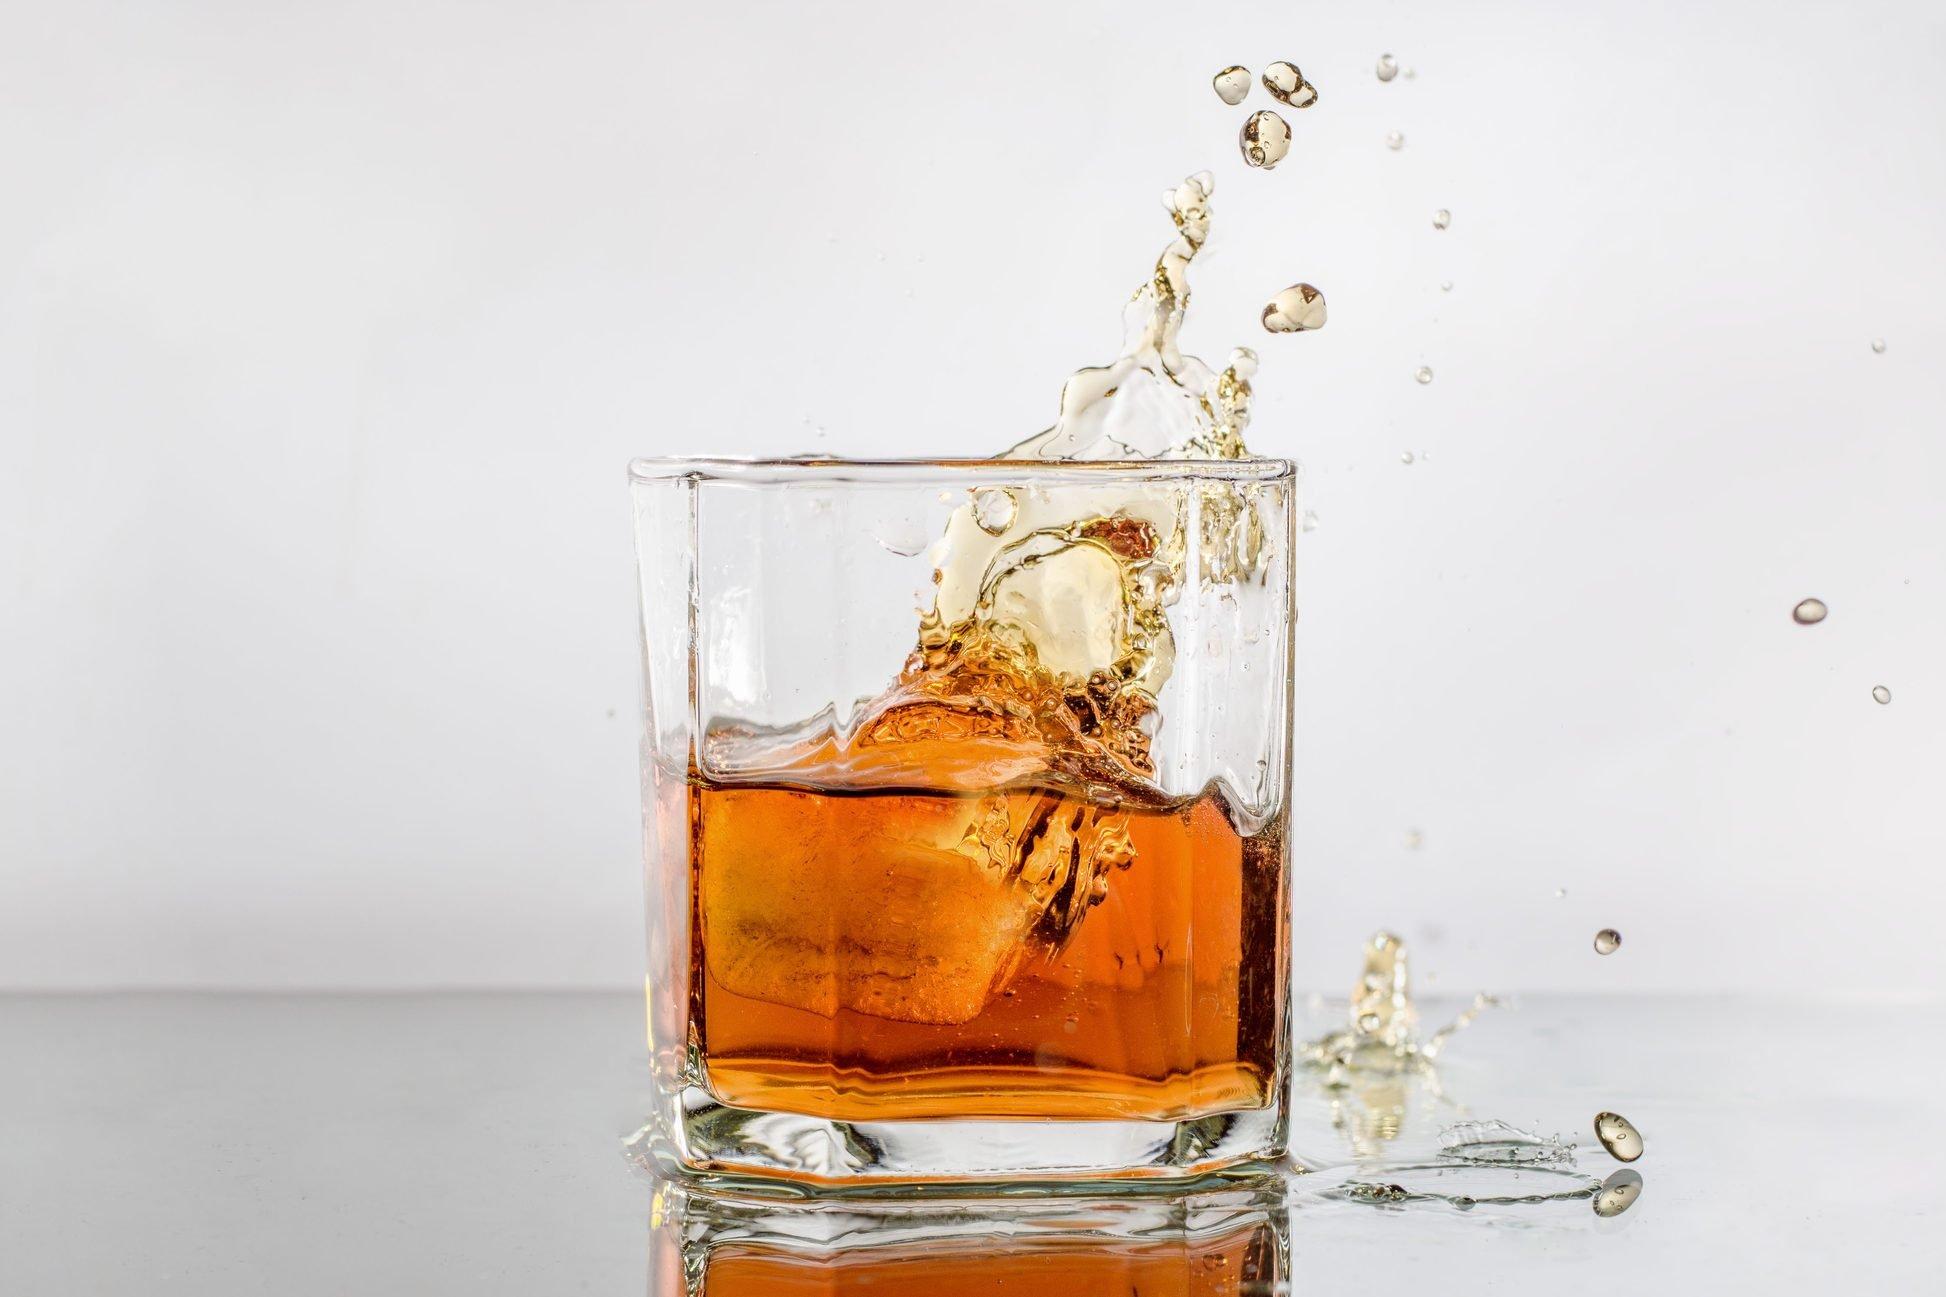 A splash of whiskey